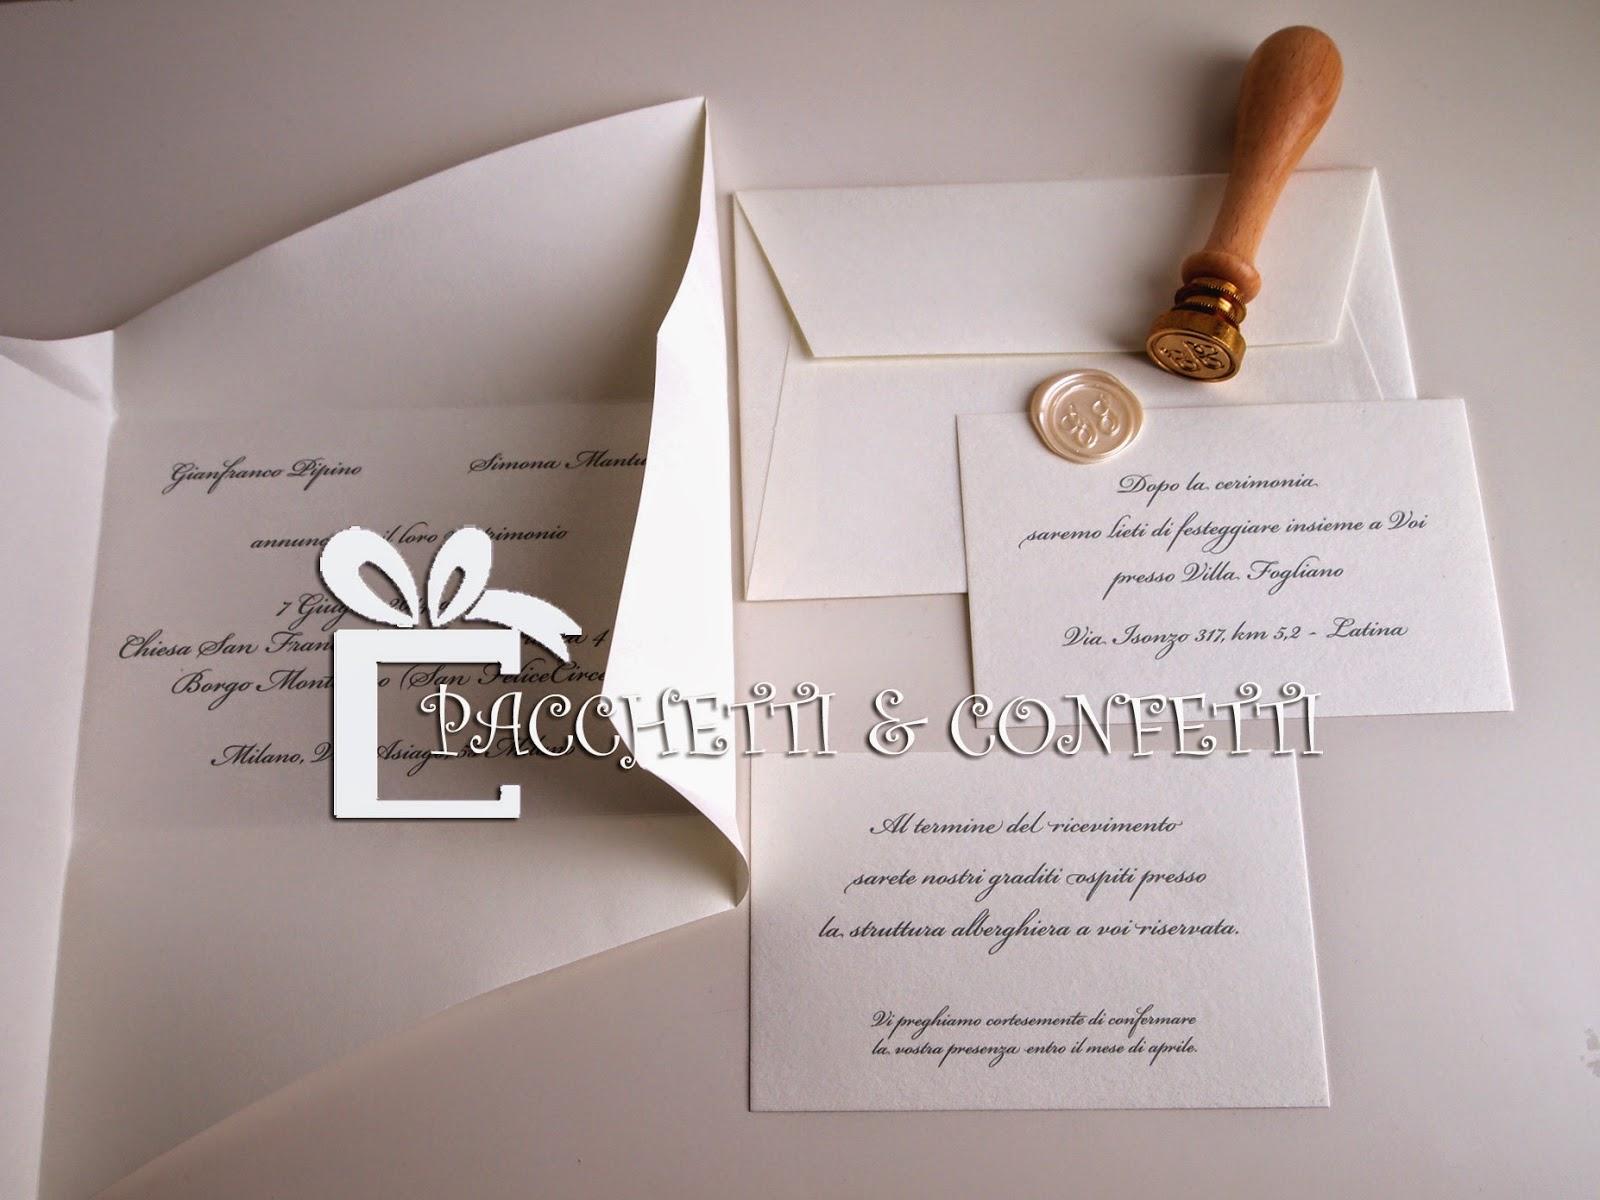 Exceptionnel Pacchetti e Confetti: Partecipazioni Matrimonio con sigillo ceralacca XT13